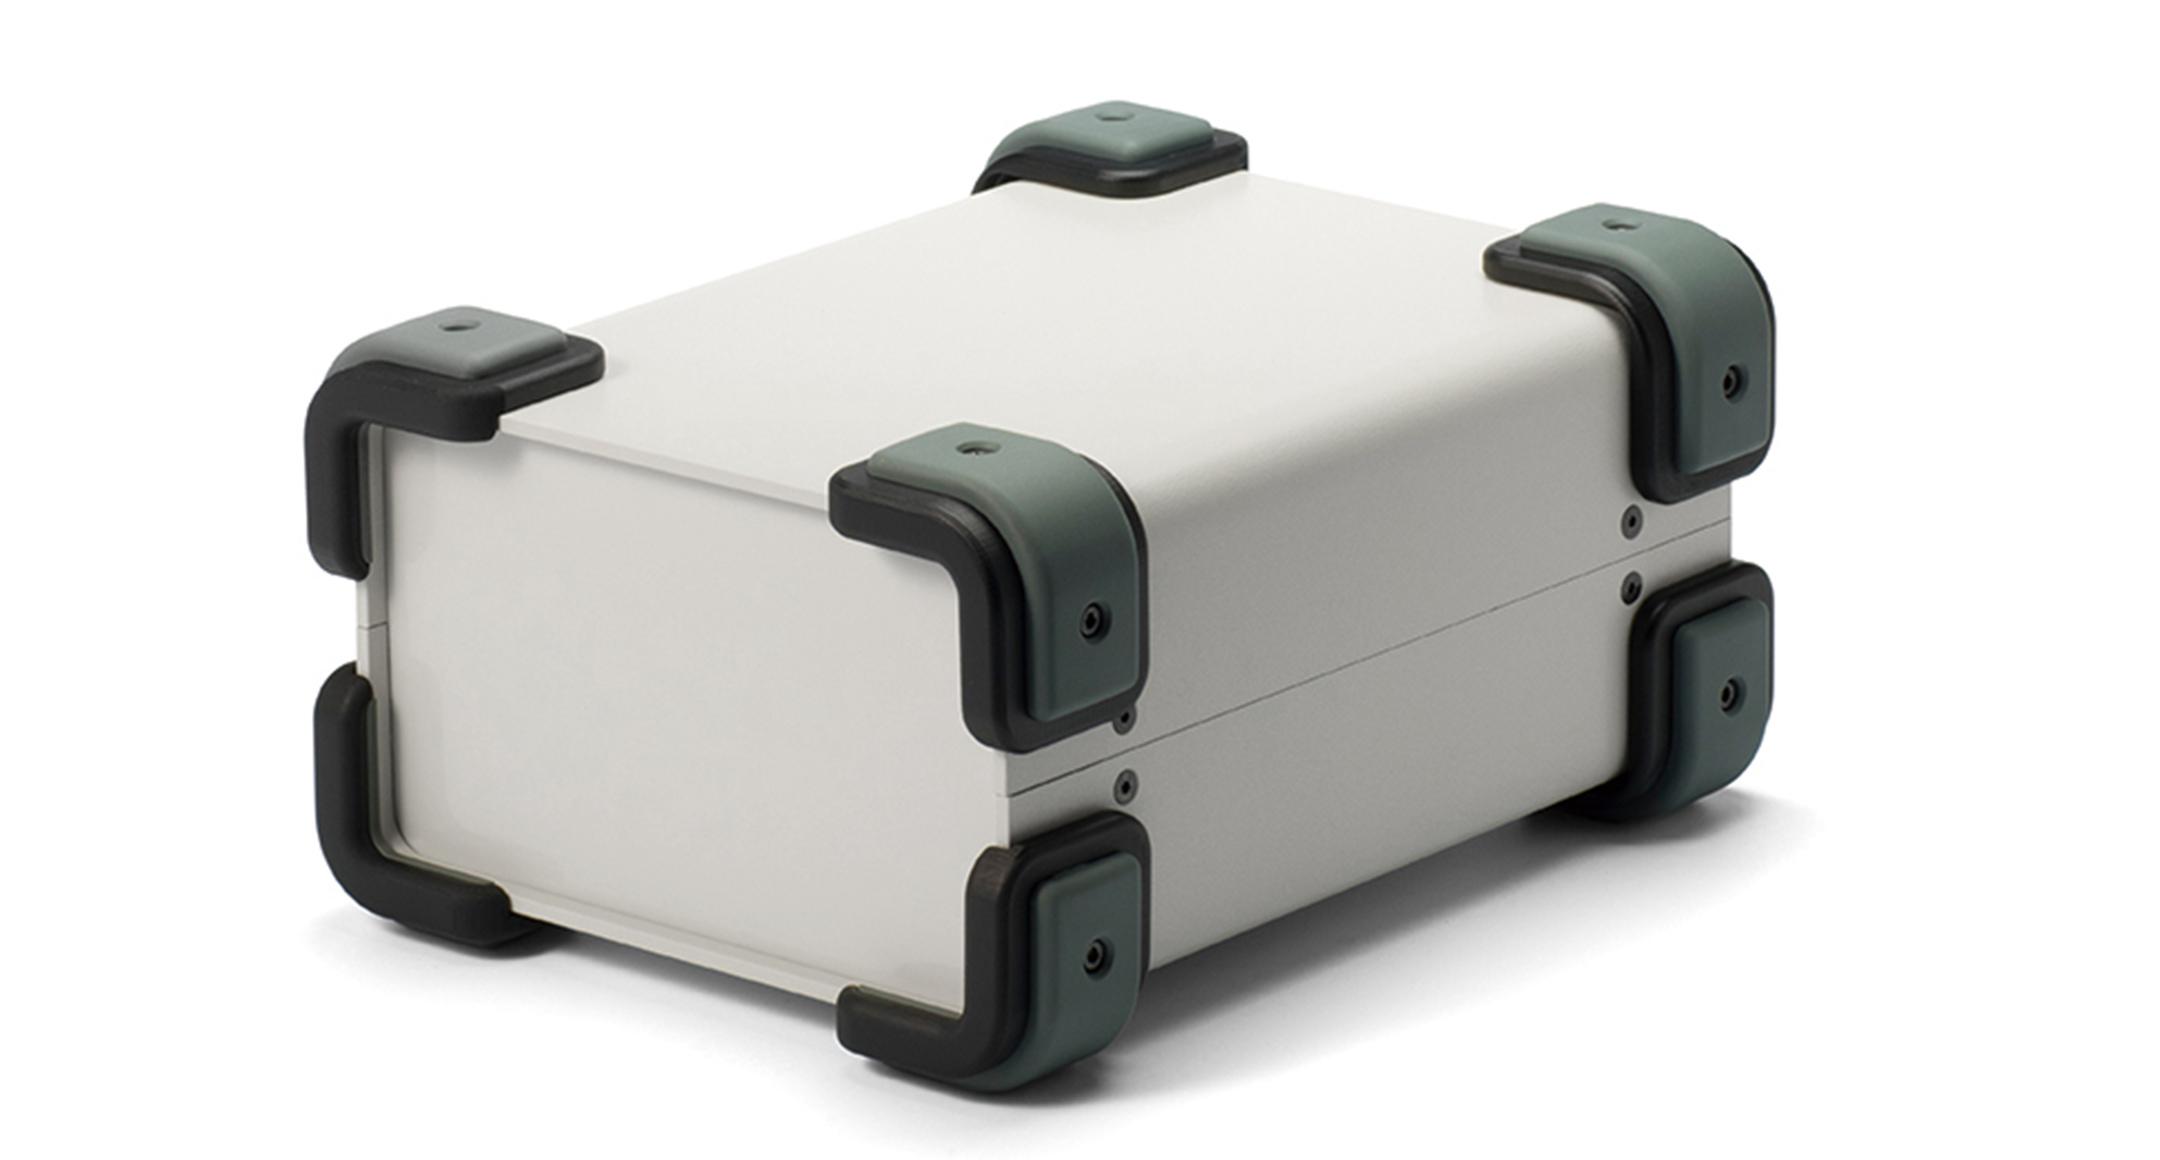 コーナーガード付フリーサイズケース UCGSシリーズ:ライトグレー/グレーの画像